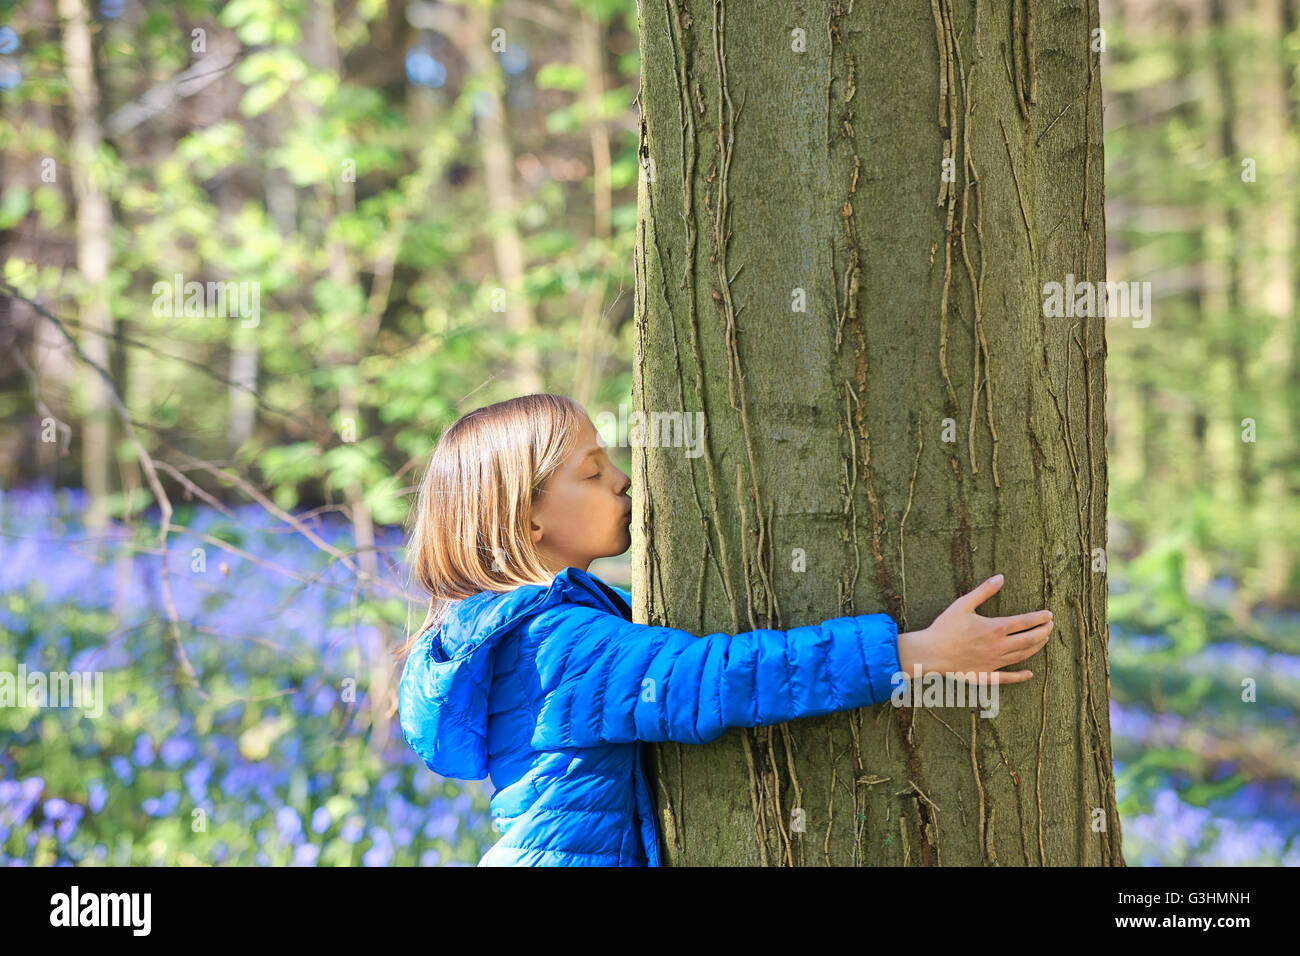 Girl kissing arbre en forêt, bluebell Hallerbos, Bruxelles, Belgique Banque D'Images